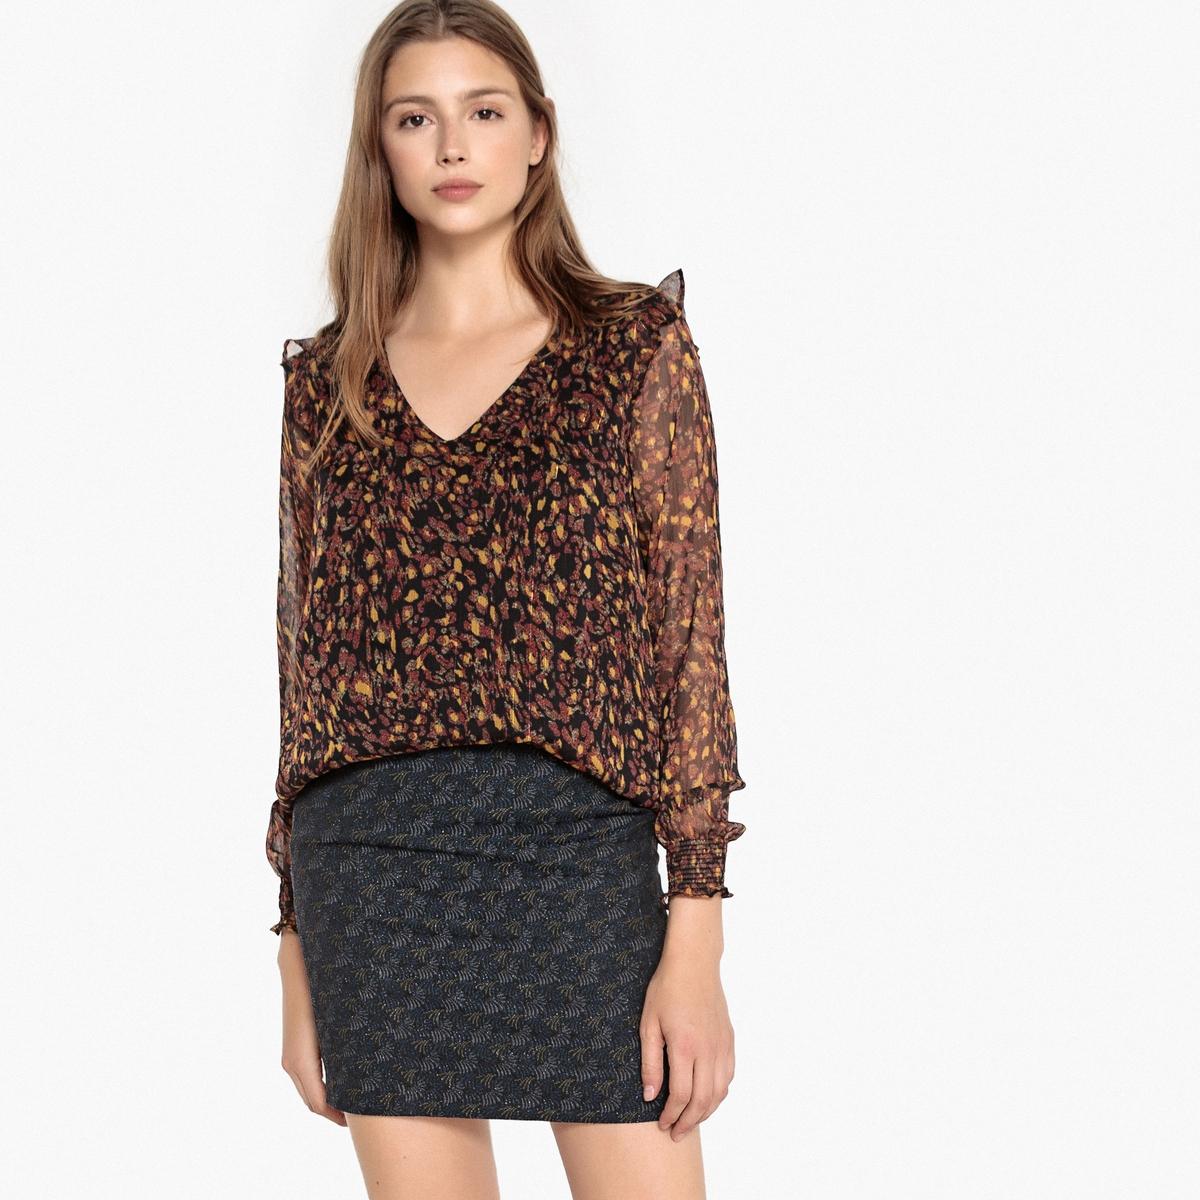 Блузка с рисунком и воланами TACITY блузка с рисунком и накладными воланами